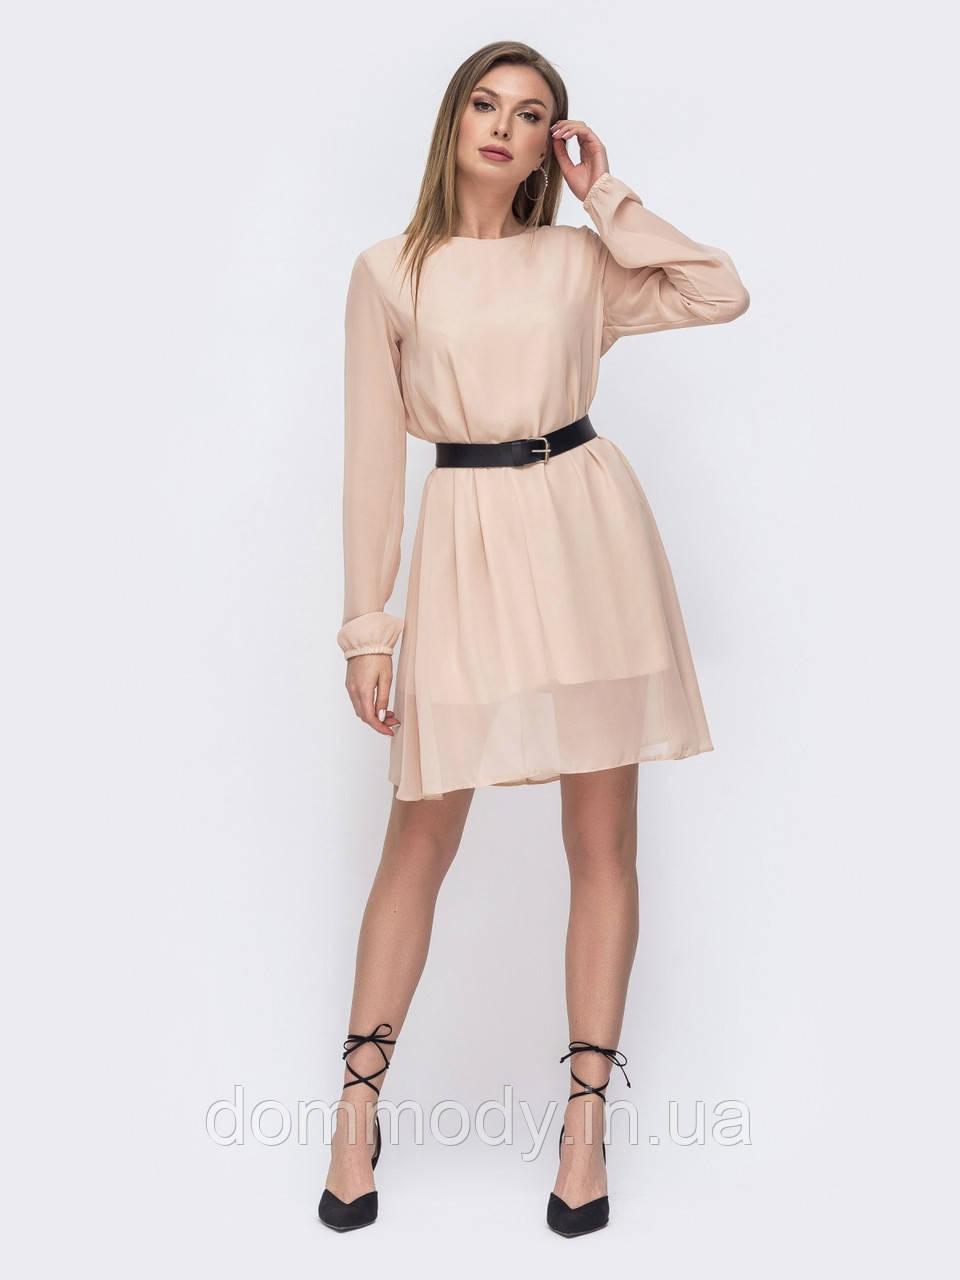 Платье женское Vivan бежевого цвета